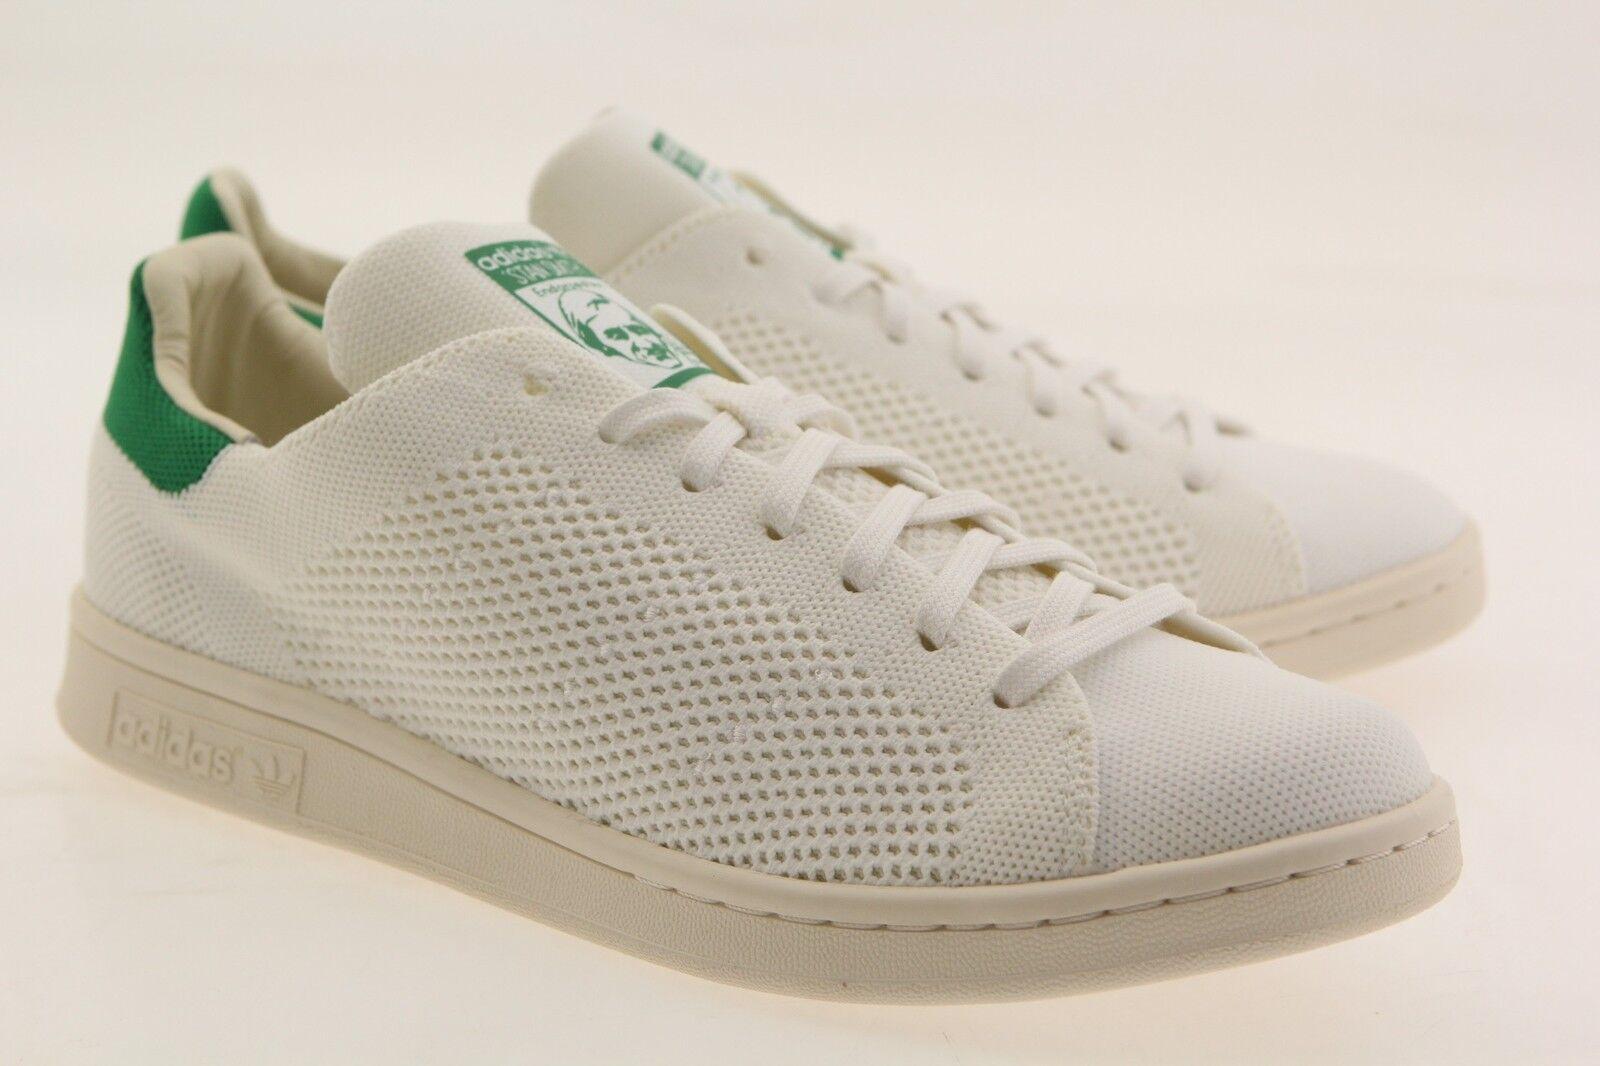 Adidas blanco Hombres Stan Primeknit blanco blanco Adidas hueso Smith OG S75146 7f8490